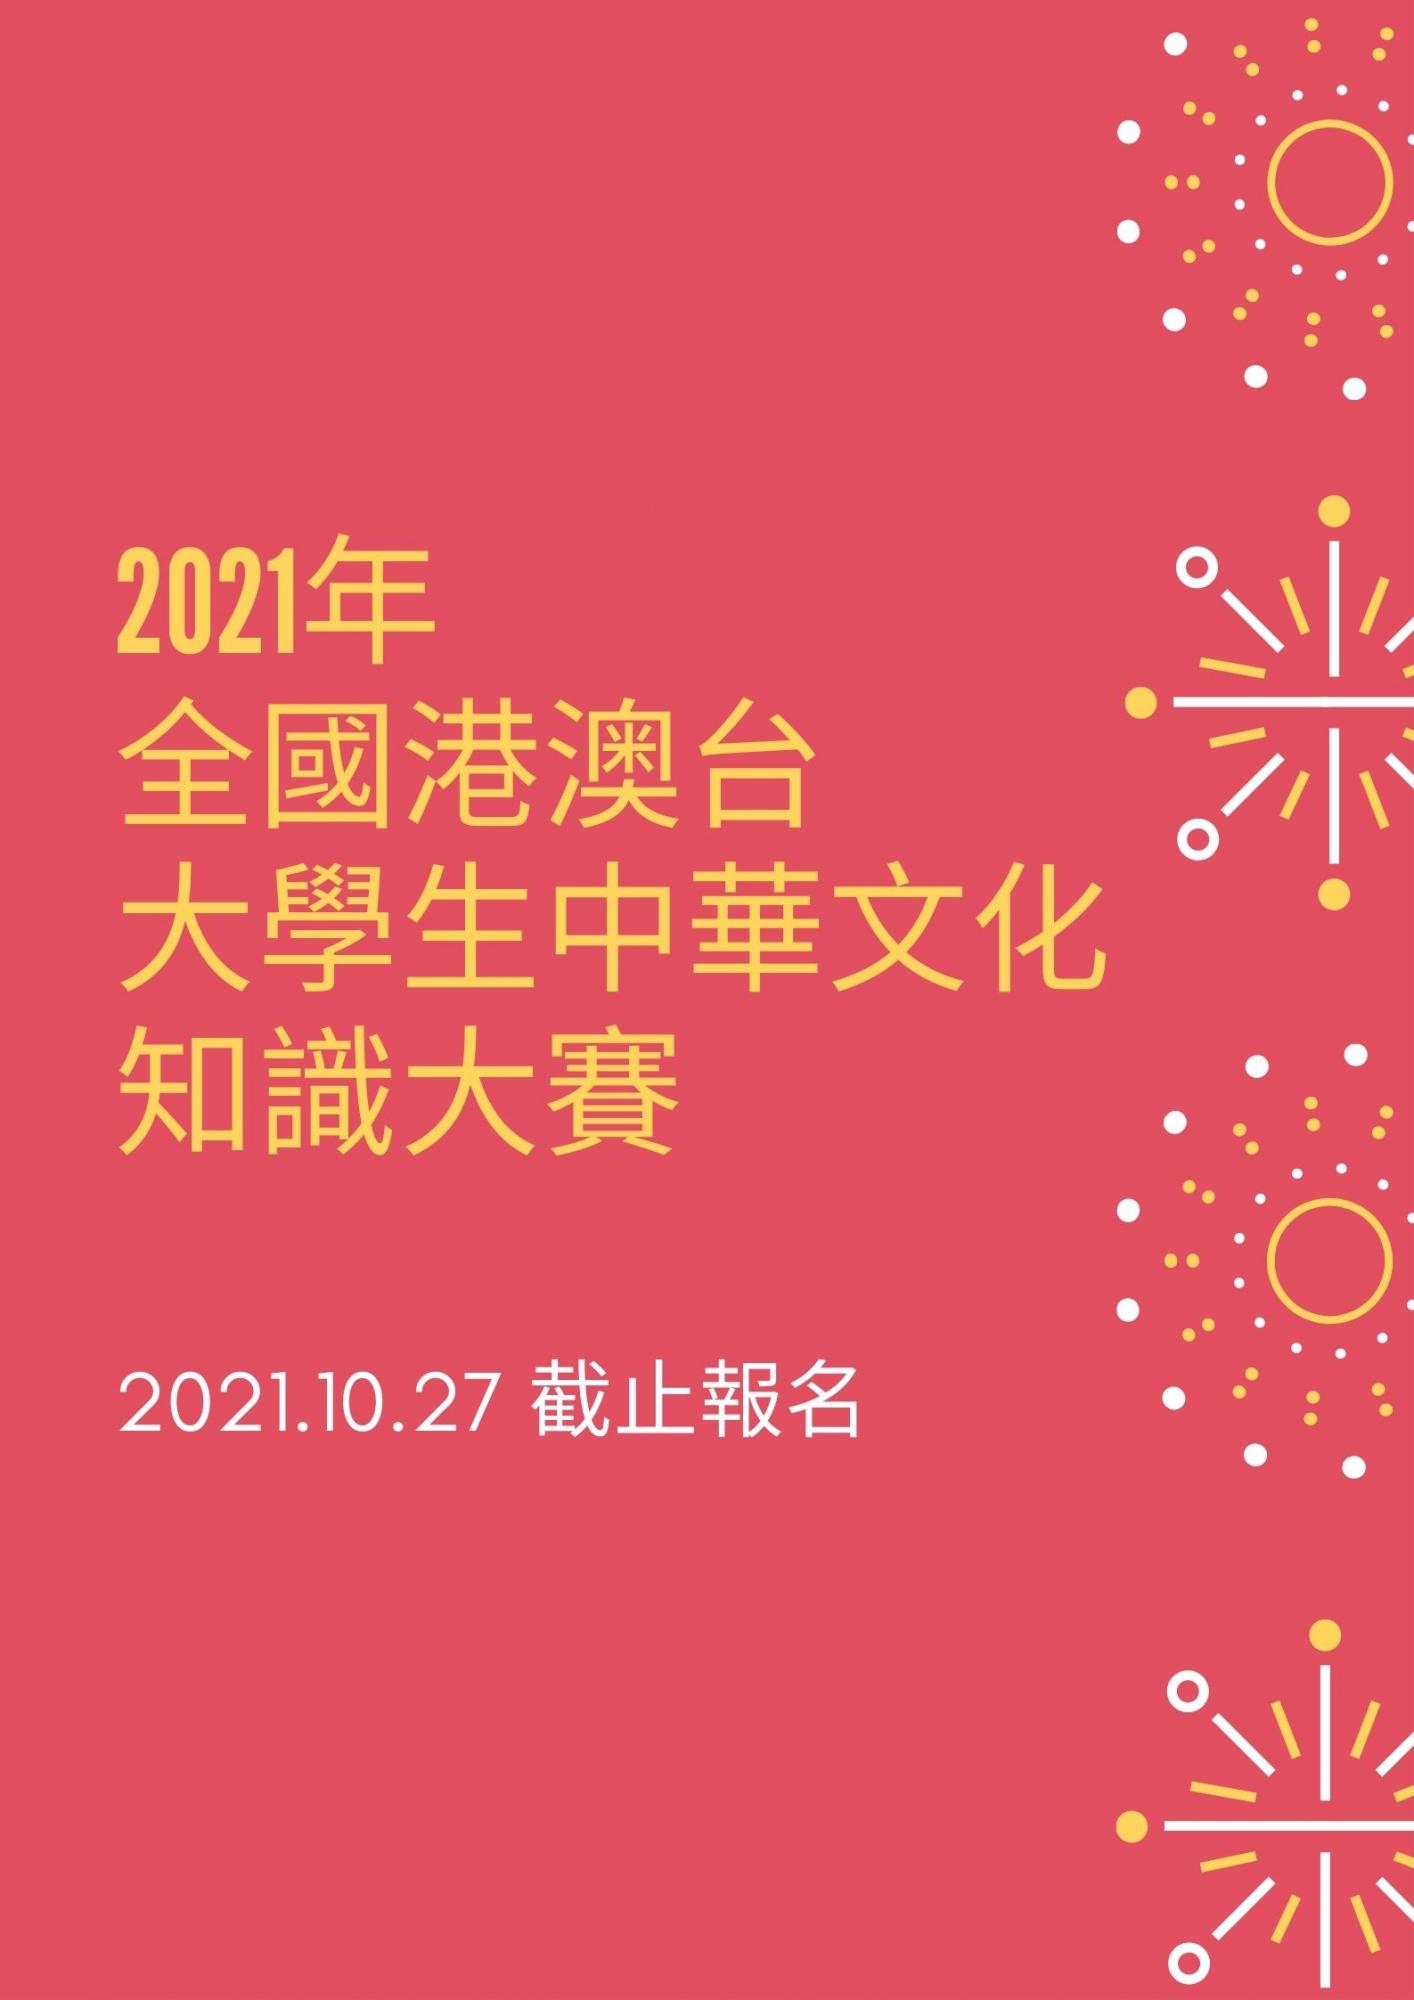 2021年全國港澳台中華文化知識大賽